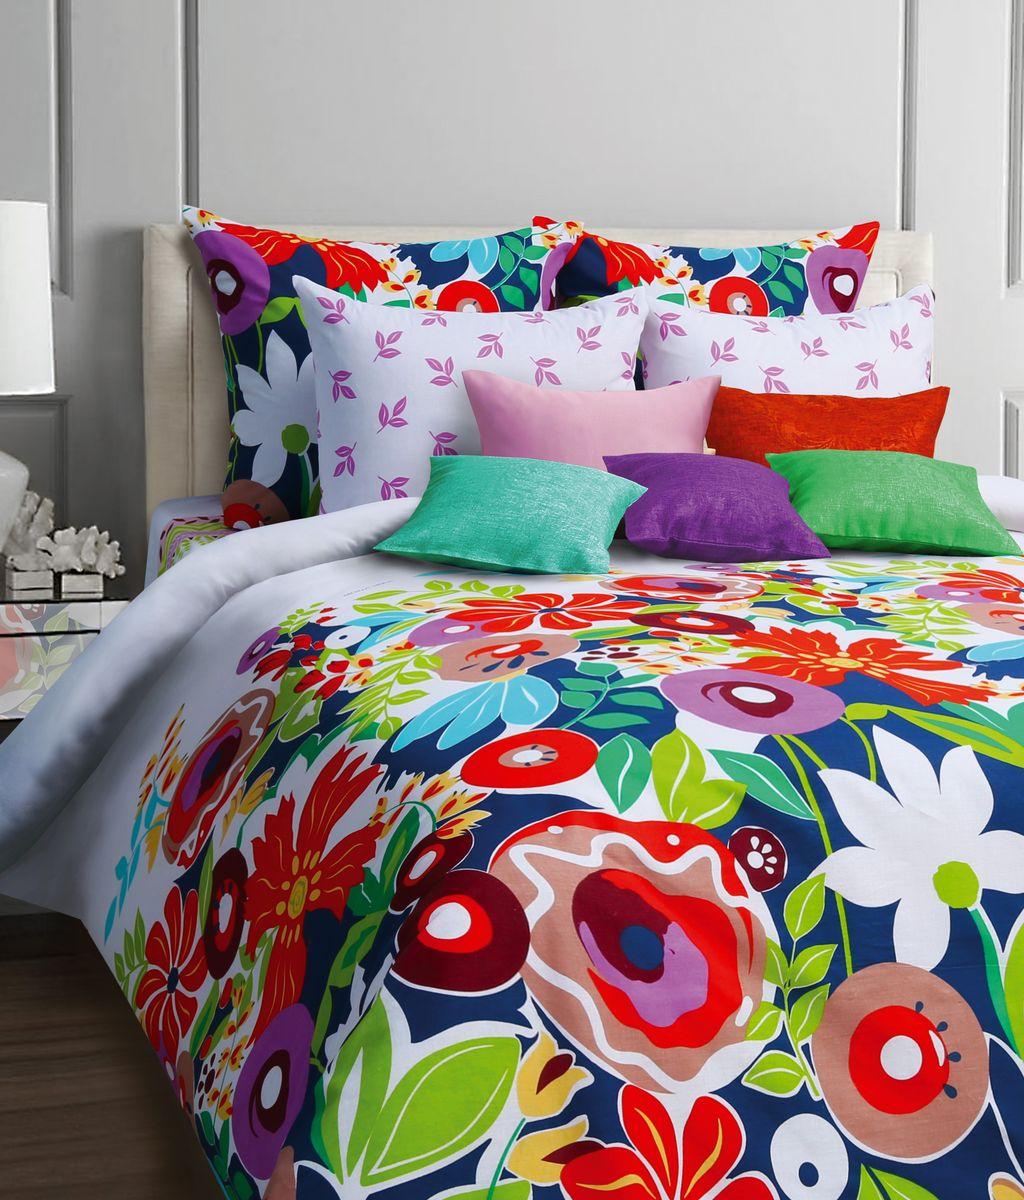 Комплект белья Mona Liza Pampiny, 2-спальное, наволочки 50x70552205/28Комплект постельного белья Mona Liza Pampiny, выполненный из бязи (100% хлопок), состоит из пододеяльника, простыни и двух наволочек. Изделия оформлены оригинальным рисунком.Пододеяльник на пуговицах.Бязь - ткань полотняного переплетения с незначительной сминаемостью, хорошо сохраняющая цвет при стирке, легкая, с прекрасными гигиеническими показателями. Такой комплект подойдет для любого стилевого и цветового решения интерьера, а также создаст в доме уют.